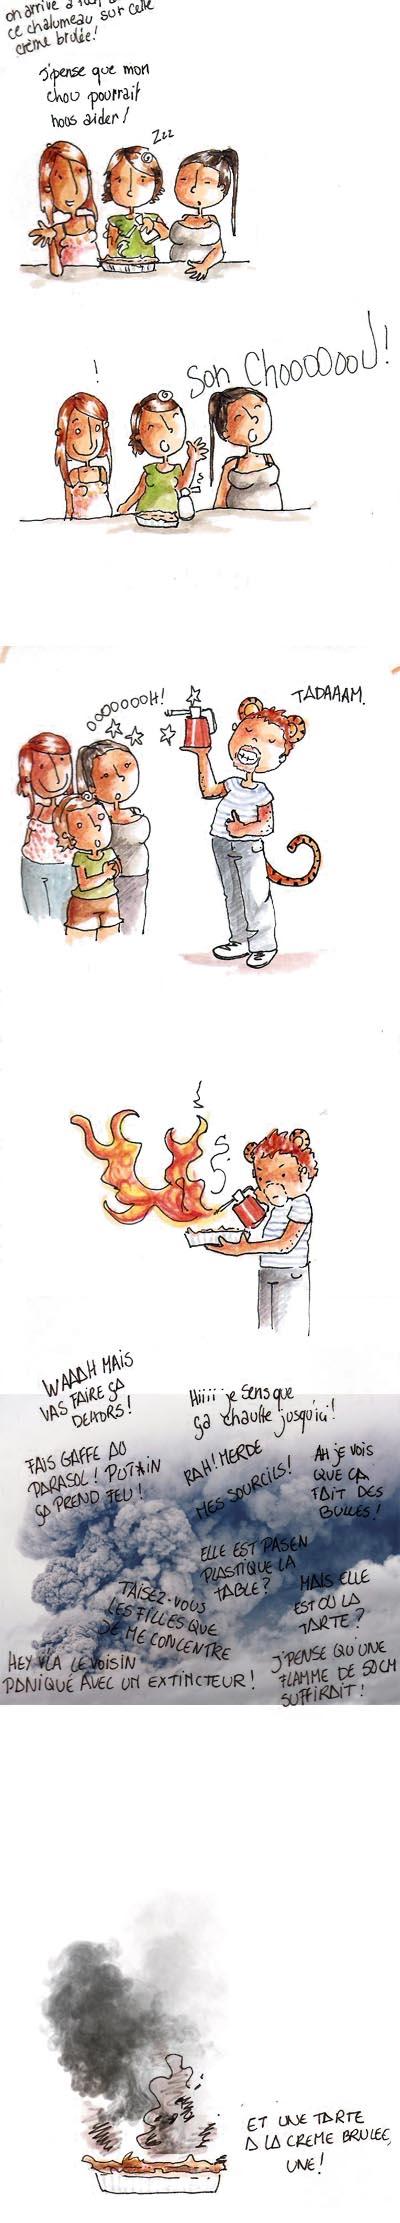 Recette de Tarte à la crème brûlée dans Ah que c'est drole 20121119-creme-brulee-1